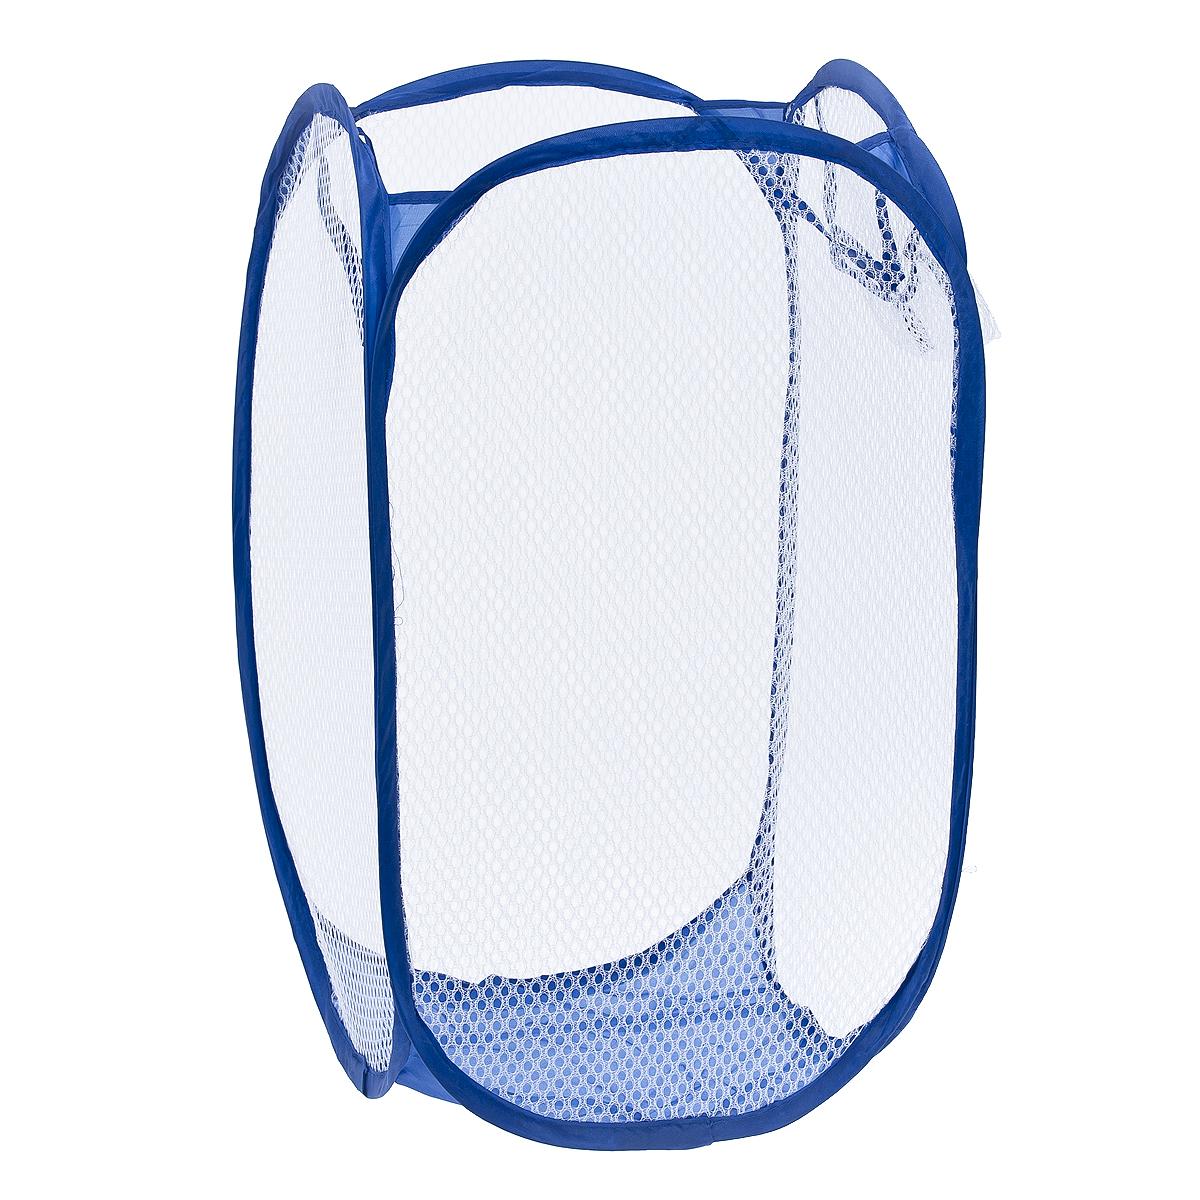 Корзина для белья Fresh Code, складная, 30 см х 30 см х 51 смS03301004Корзина для белья Fresh Code изготовлена из полипропилена и металла и предназначена для сбора и хранения вещей перед стиркой. Компактная и легкая складная корзина не занимает много места, аккуратно хранит белье, украшает ванную комнату. Вместительная корзина выполнена в форме куба. Сверху имеются ручки для переноски корзины. С четырех сторон корзина выполнена из сетки, для вентиляции белья. Сбоку имеется карман.Корзина для белья Fresh Code станет оригинальным украшением интерьера ванной комнаты.